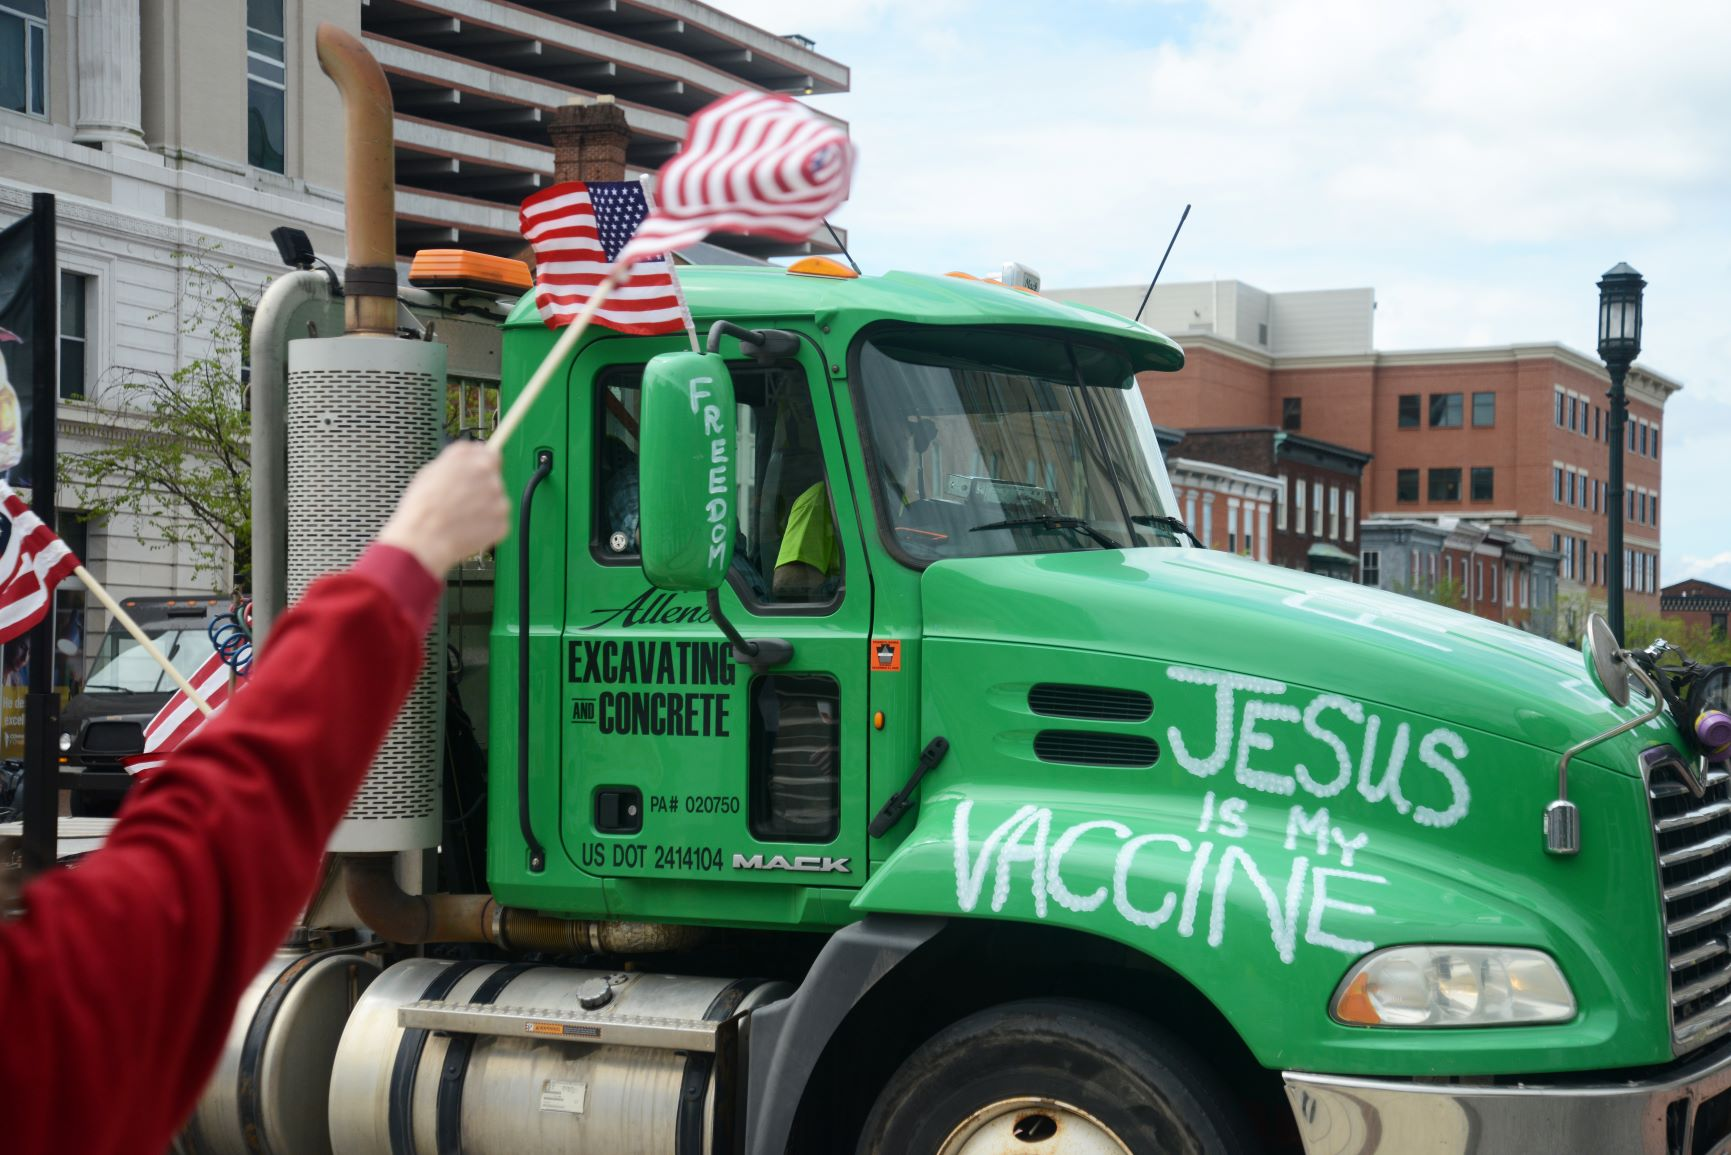 """Caminhão com a inscrição """"Jesus é a vacina"""" em manifestação em Harrisburg, no estado da Pensilvânia: como no Brasil, apelos religiosos são comuns nas manifestações contra o isolamento social nos EUA (B.A. Van Sise/NurPhoto/AFP)"""